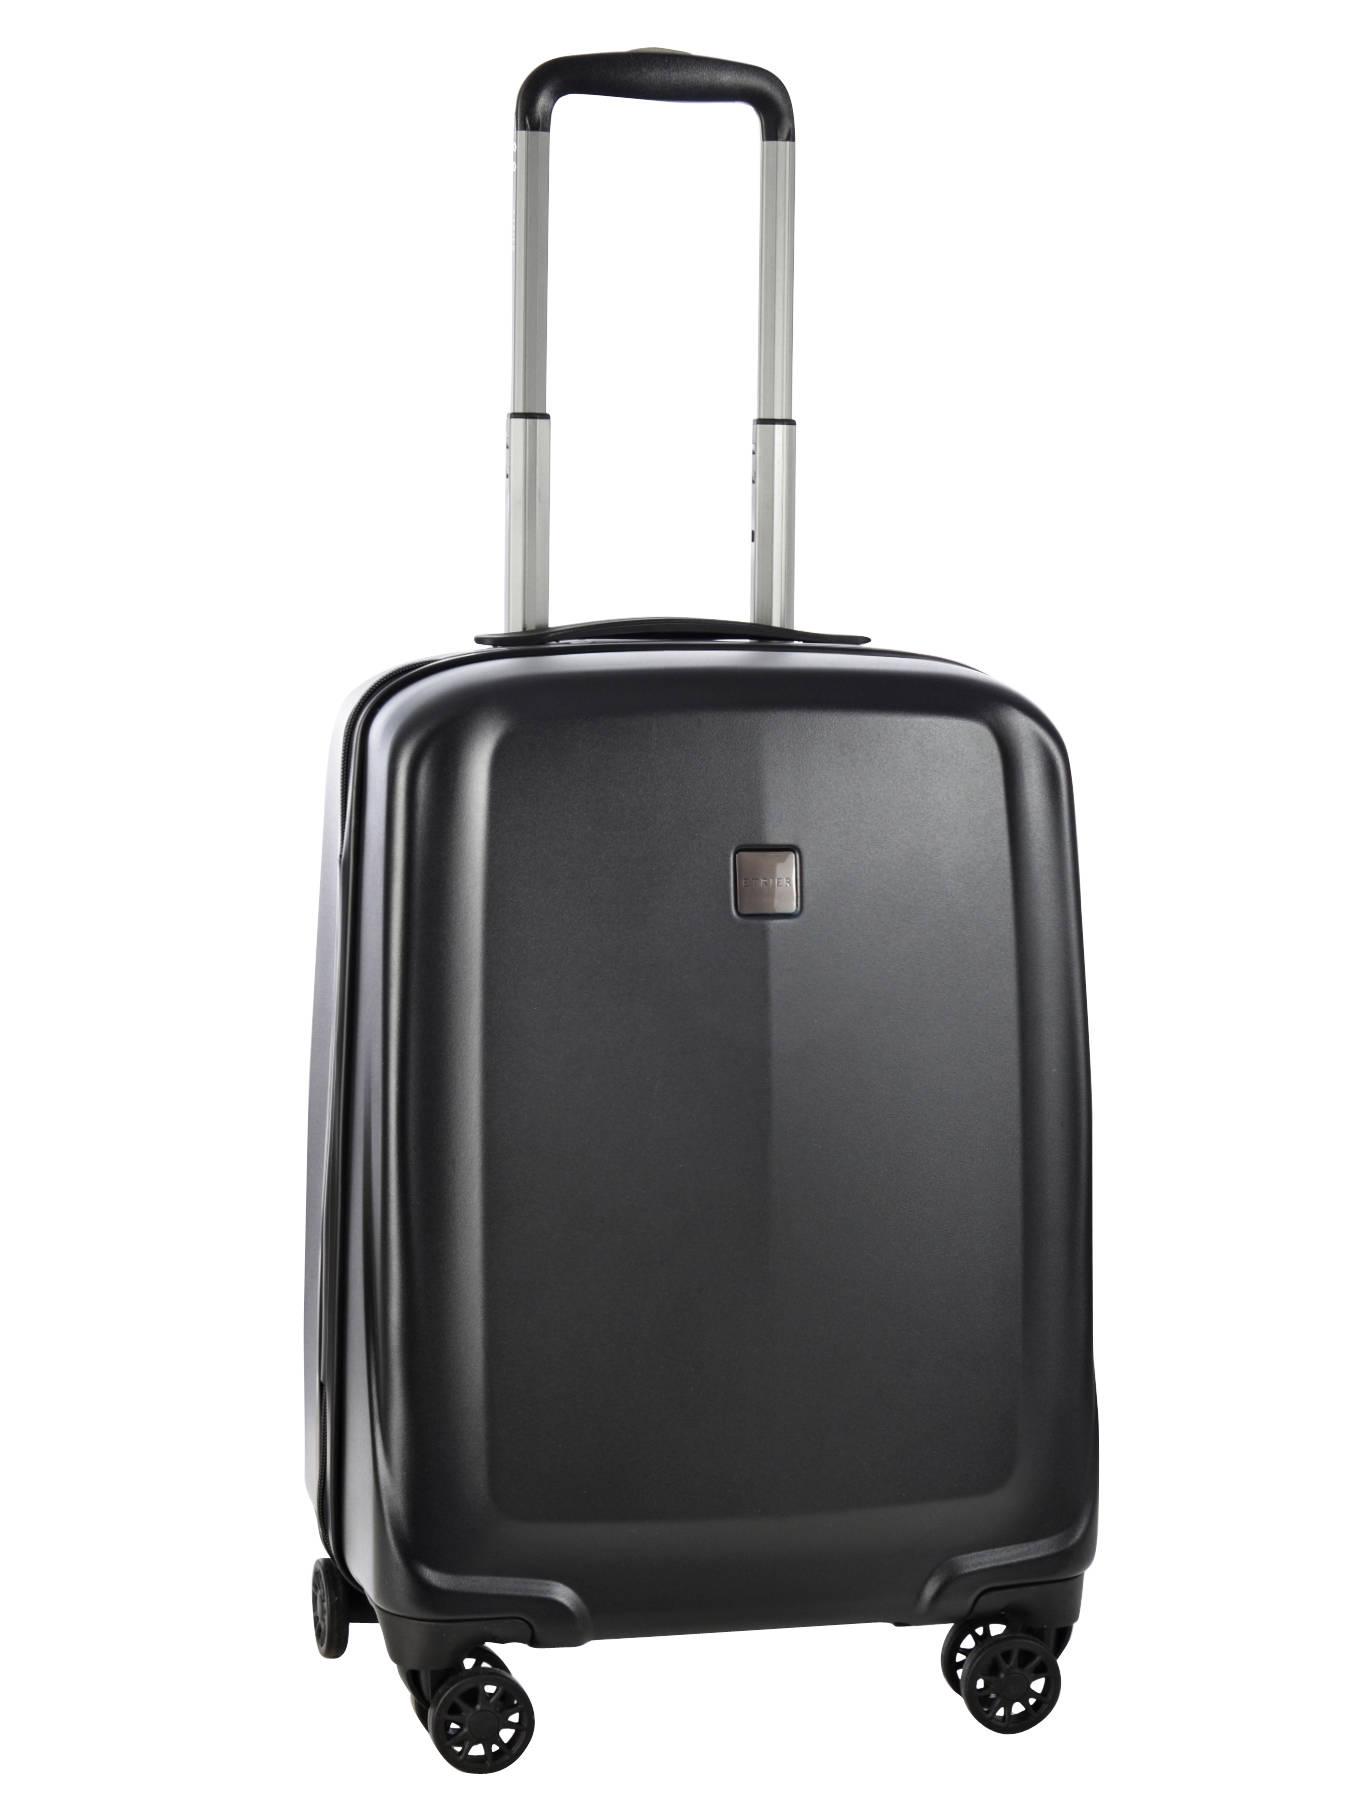 valise cabine etrier ultra maniable en promo 55cm. Black Bedroom Furniture Sets. Home Design Ideas